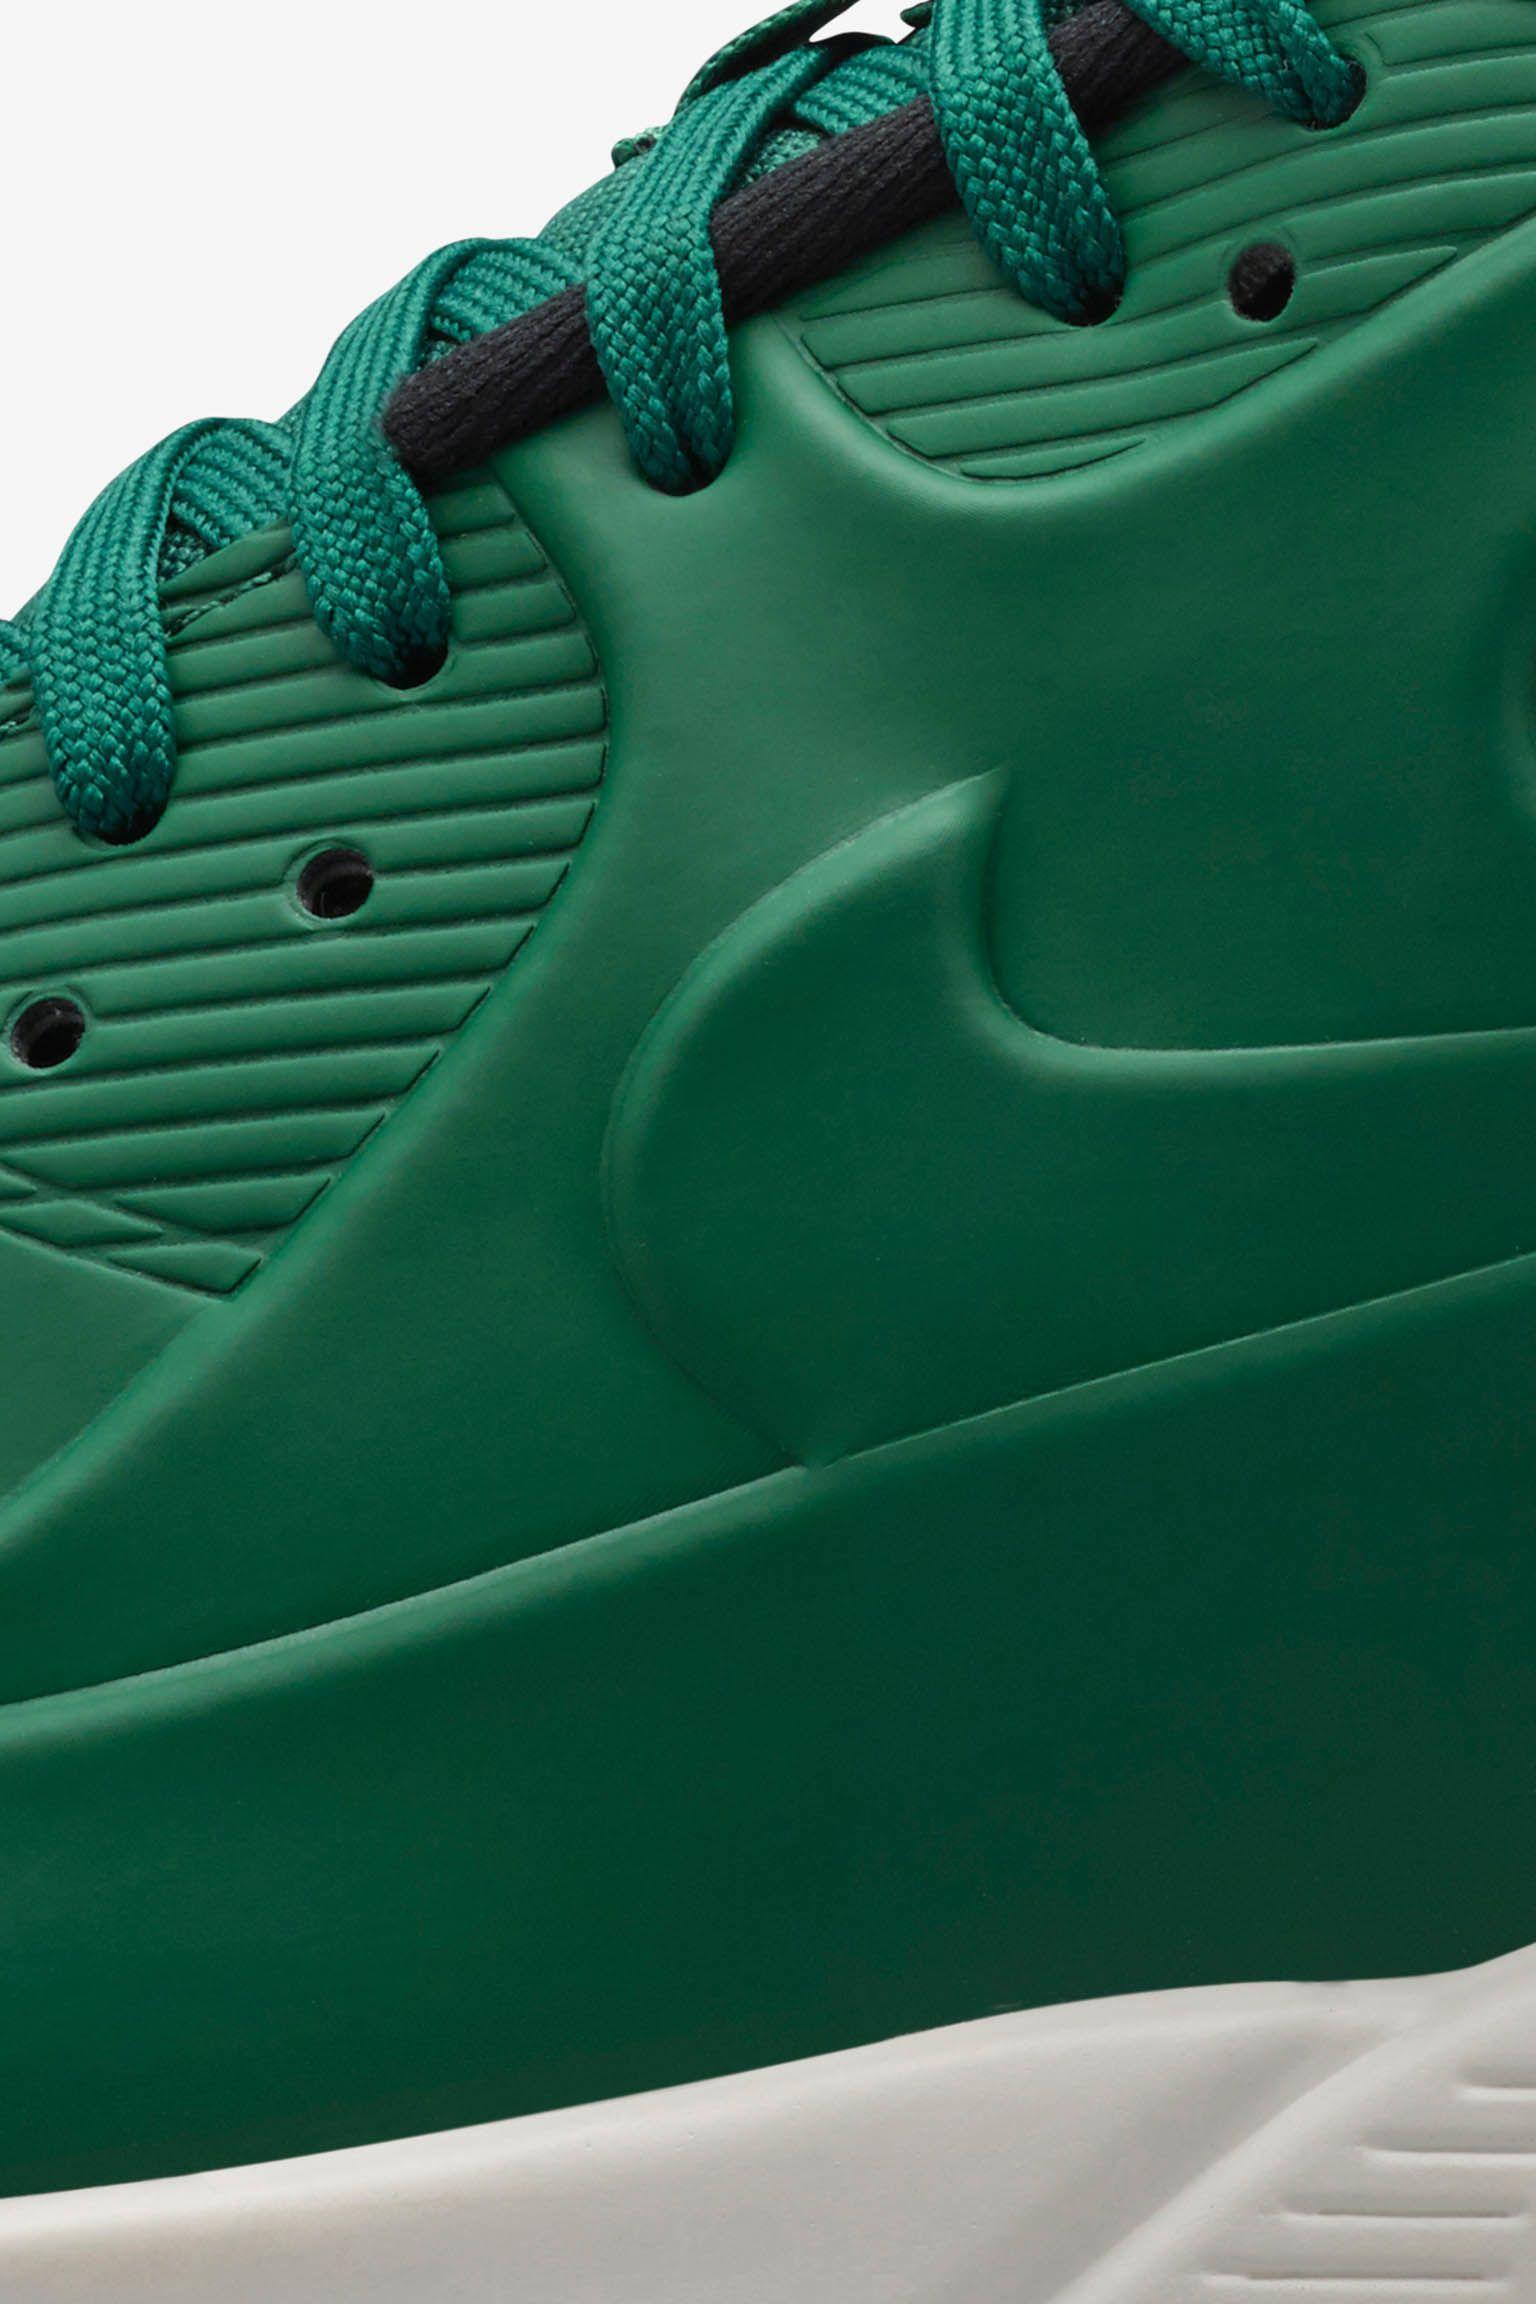 Nike Air Max 90 VT 'Gorge Green'